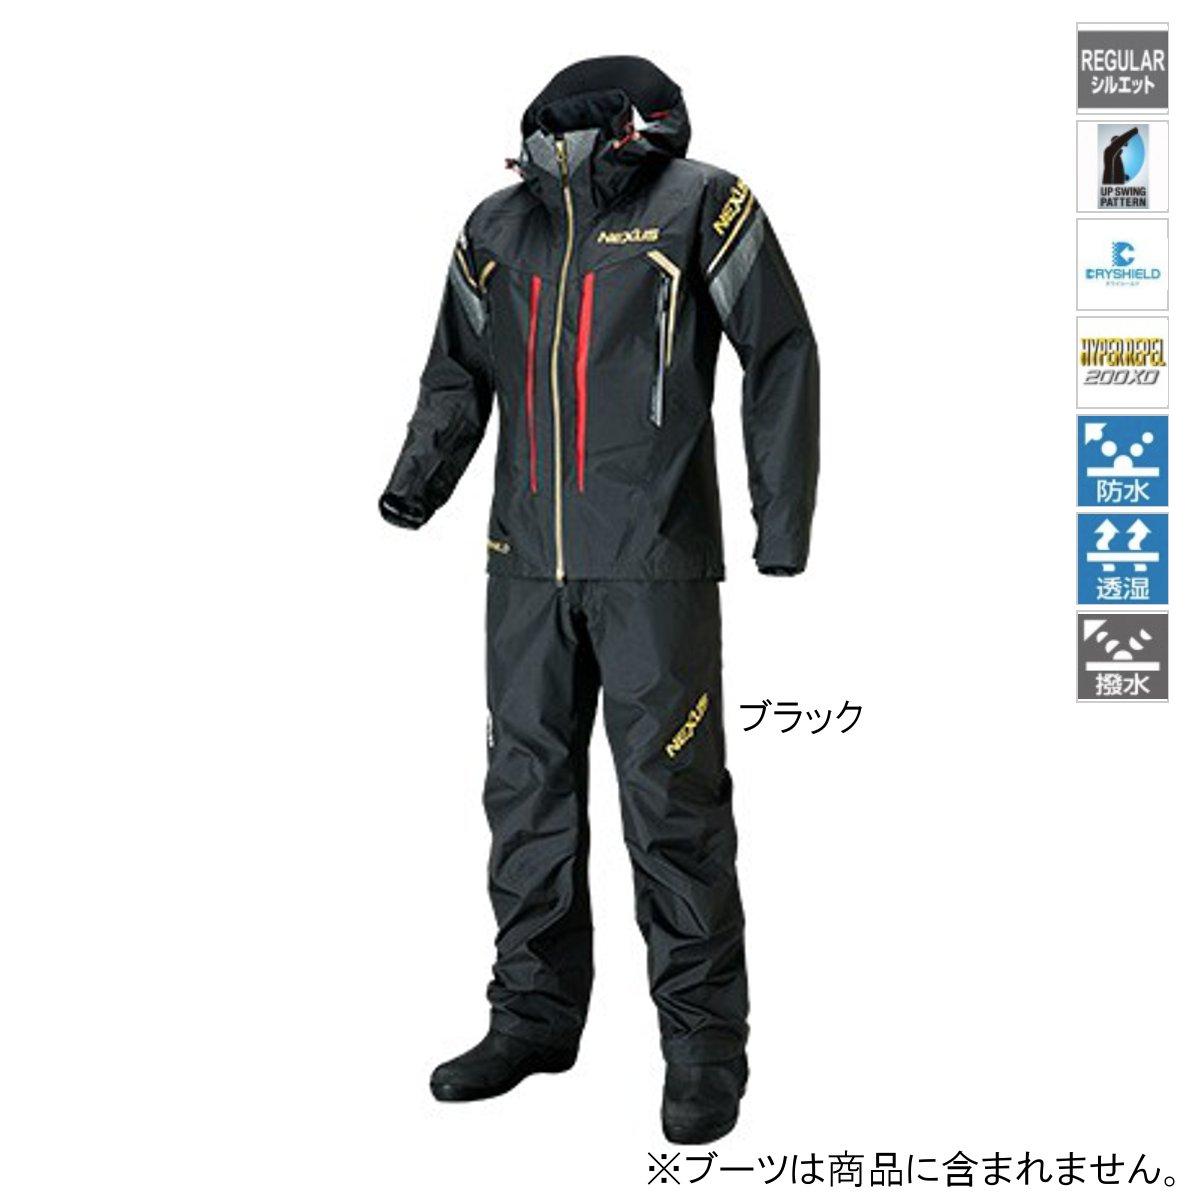 シマノ NEXUS・DS タフレインスーツ RA-124S L ブラック(東日本店)